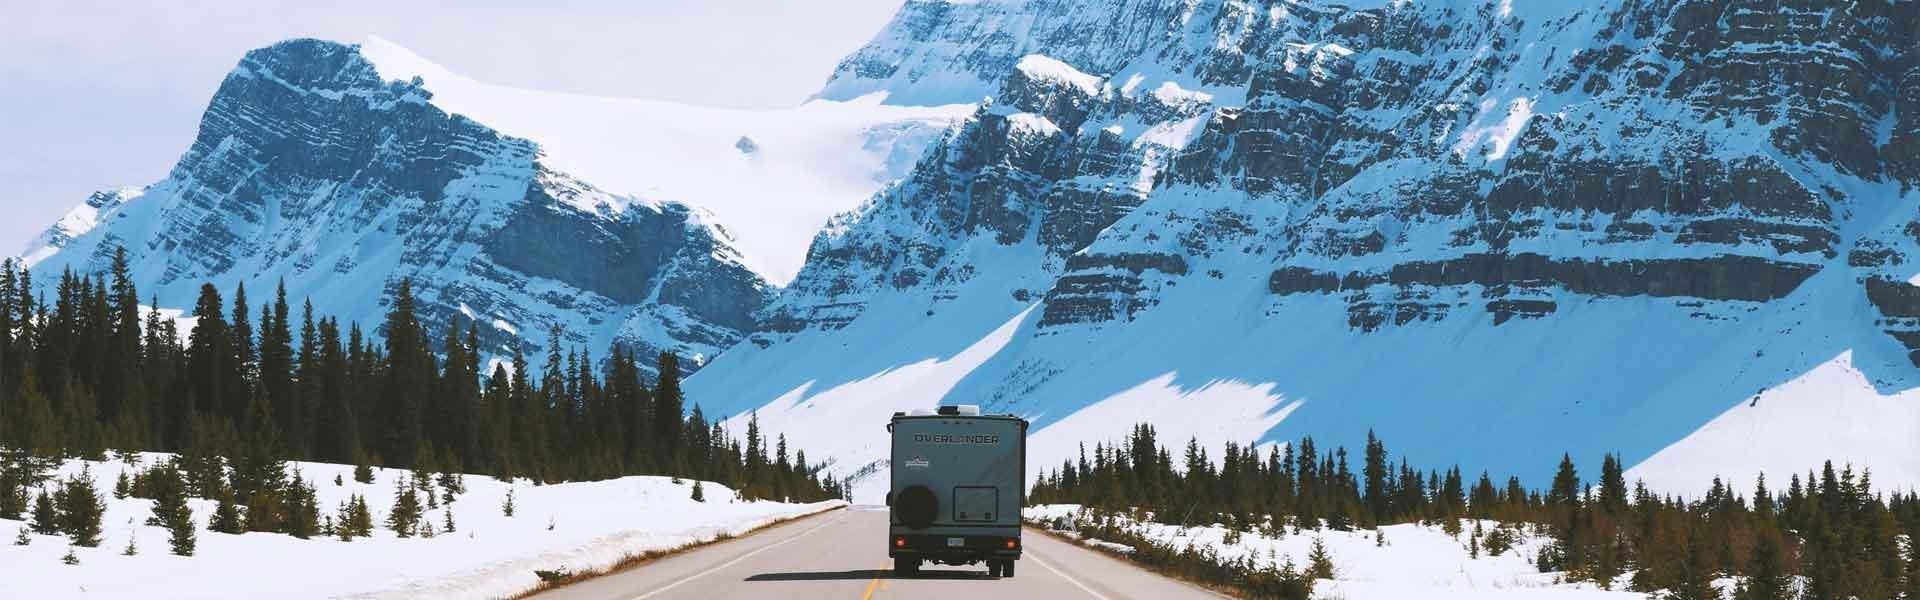 Ga op camperreis door Canada